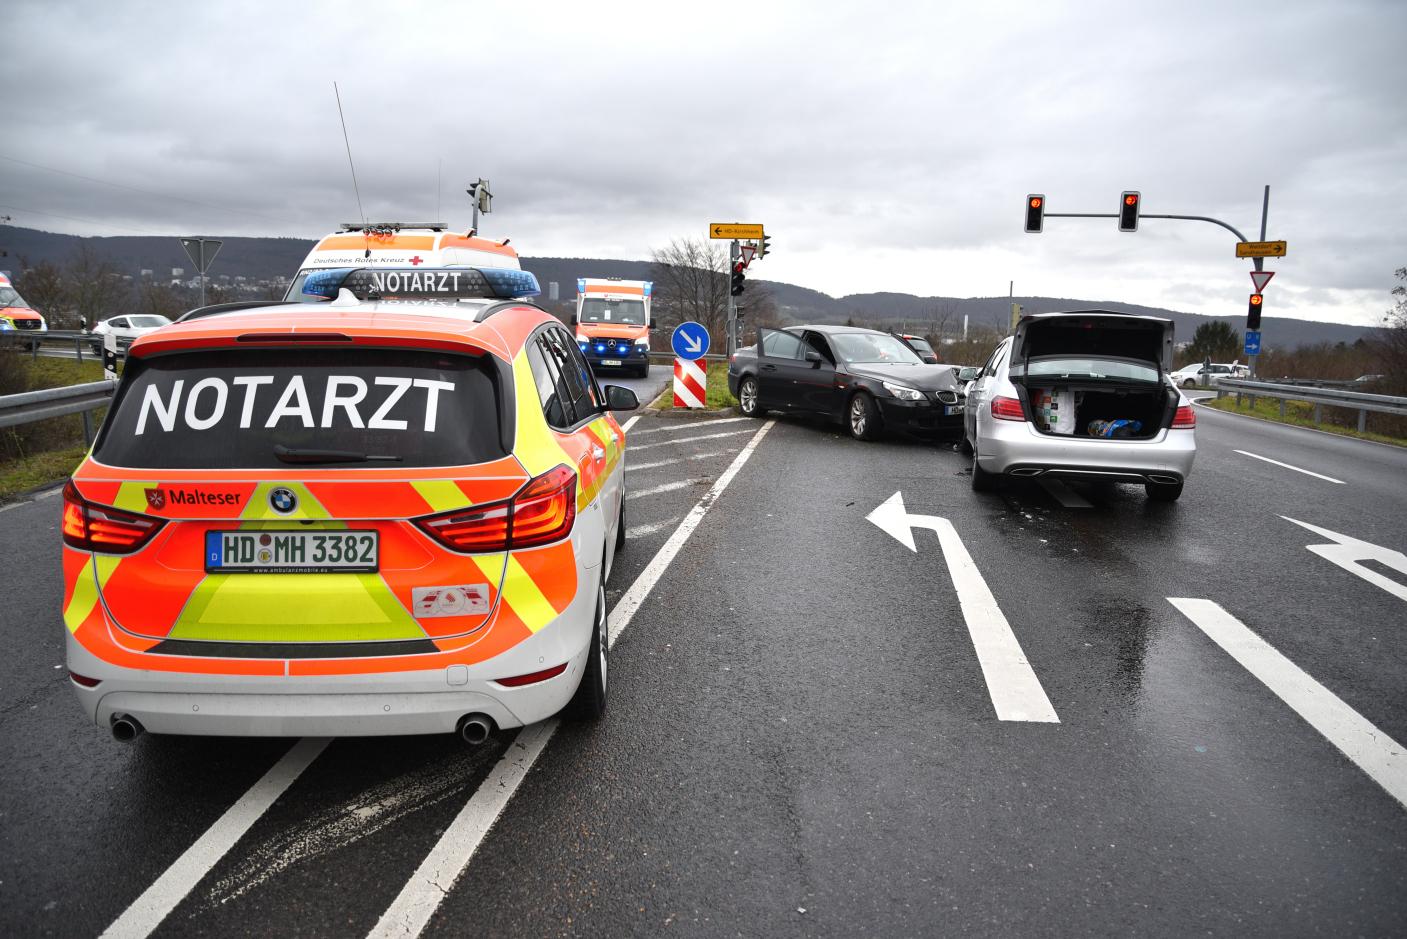 Heidelberg-Kirchheim: Frontalzusammenstoß zwischen zwei Pkw - fünf Personen leicht verletzt, darunter zwei Kleinkinder